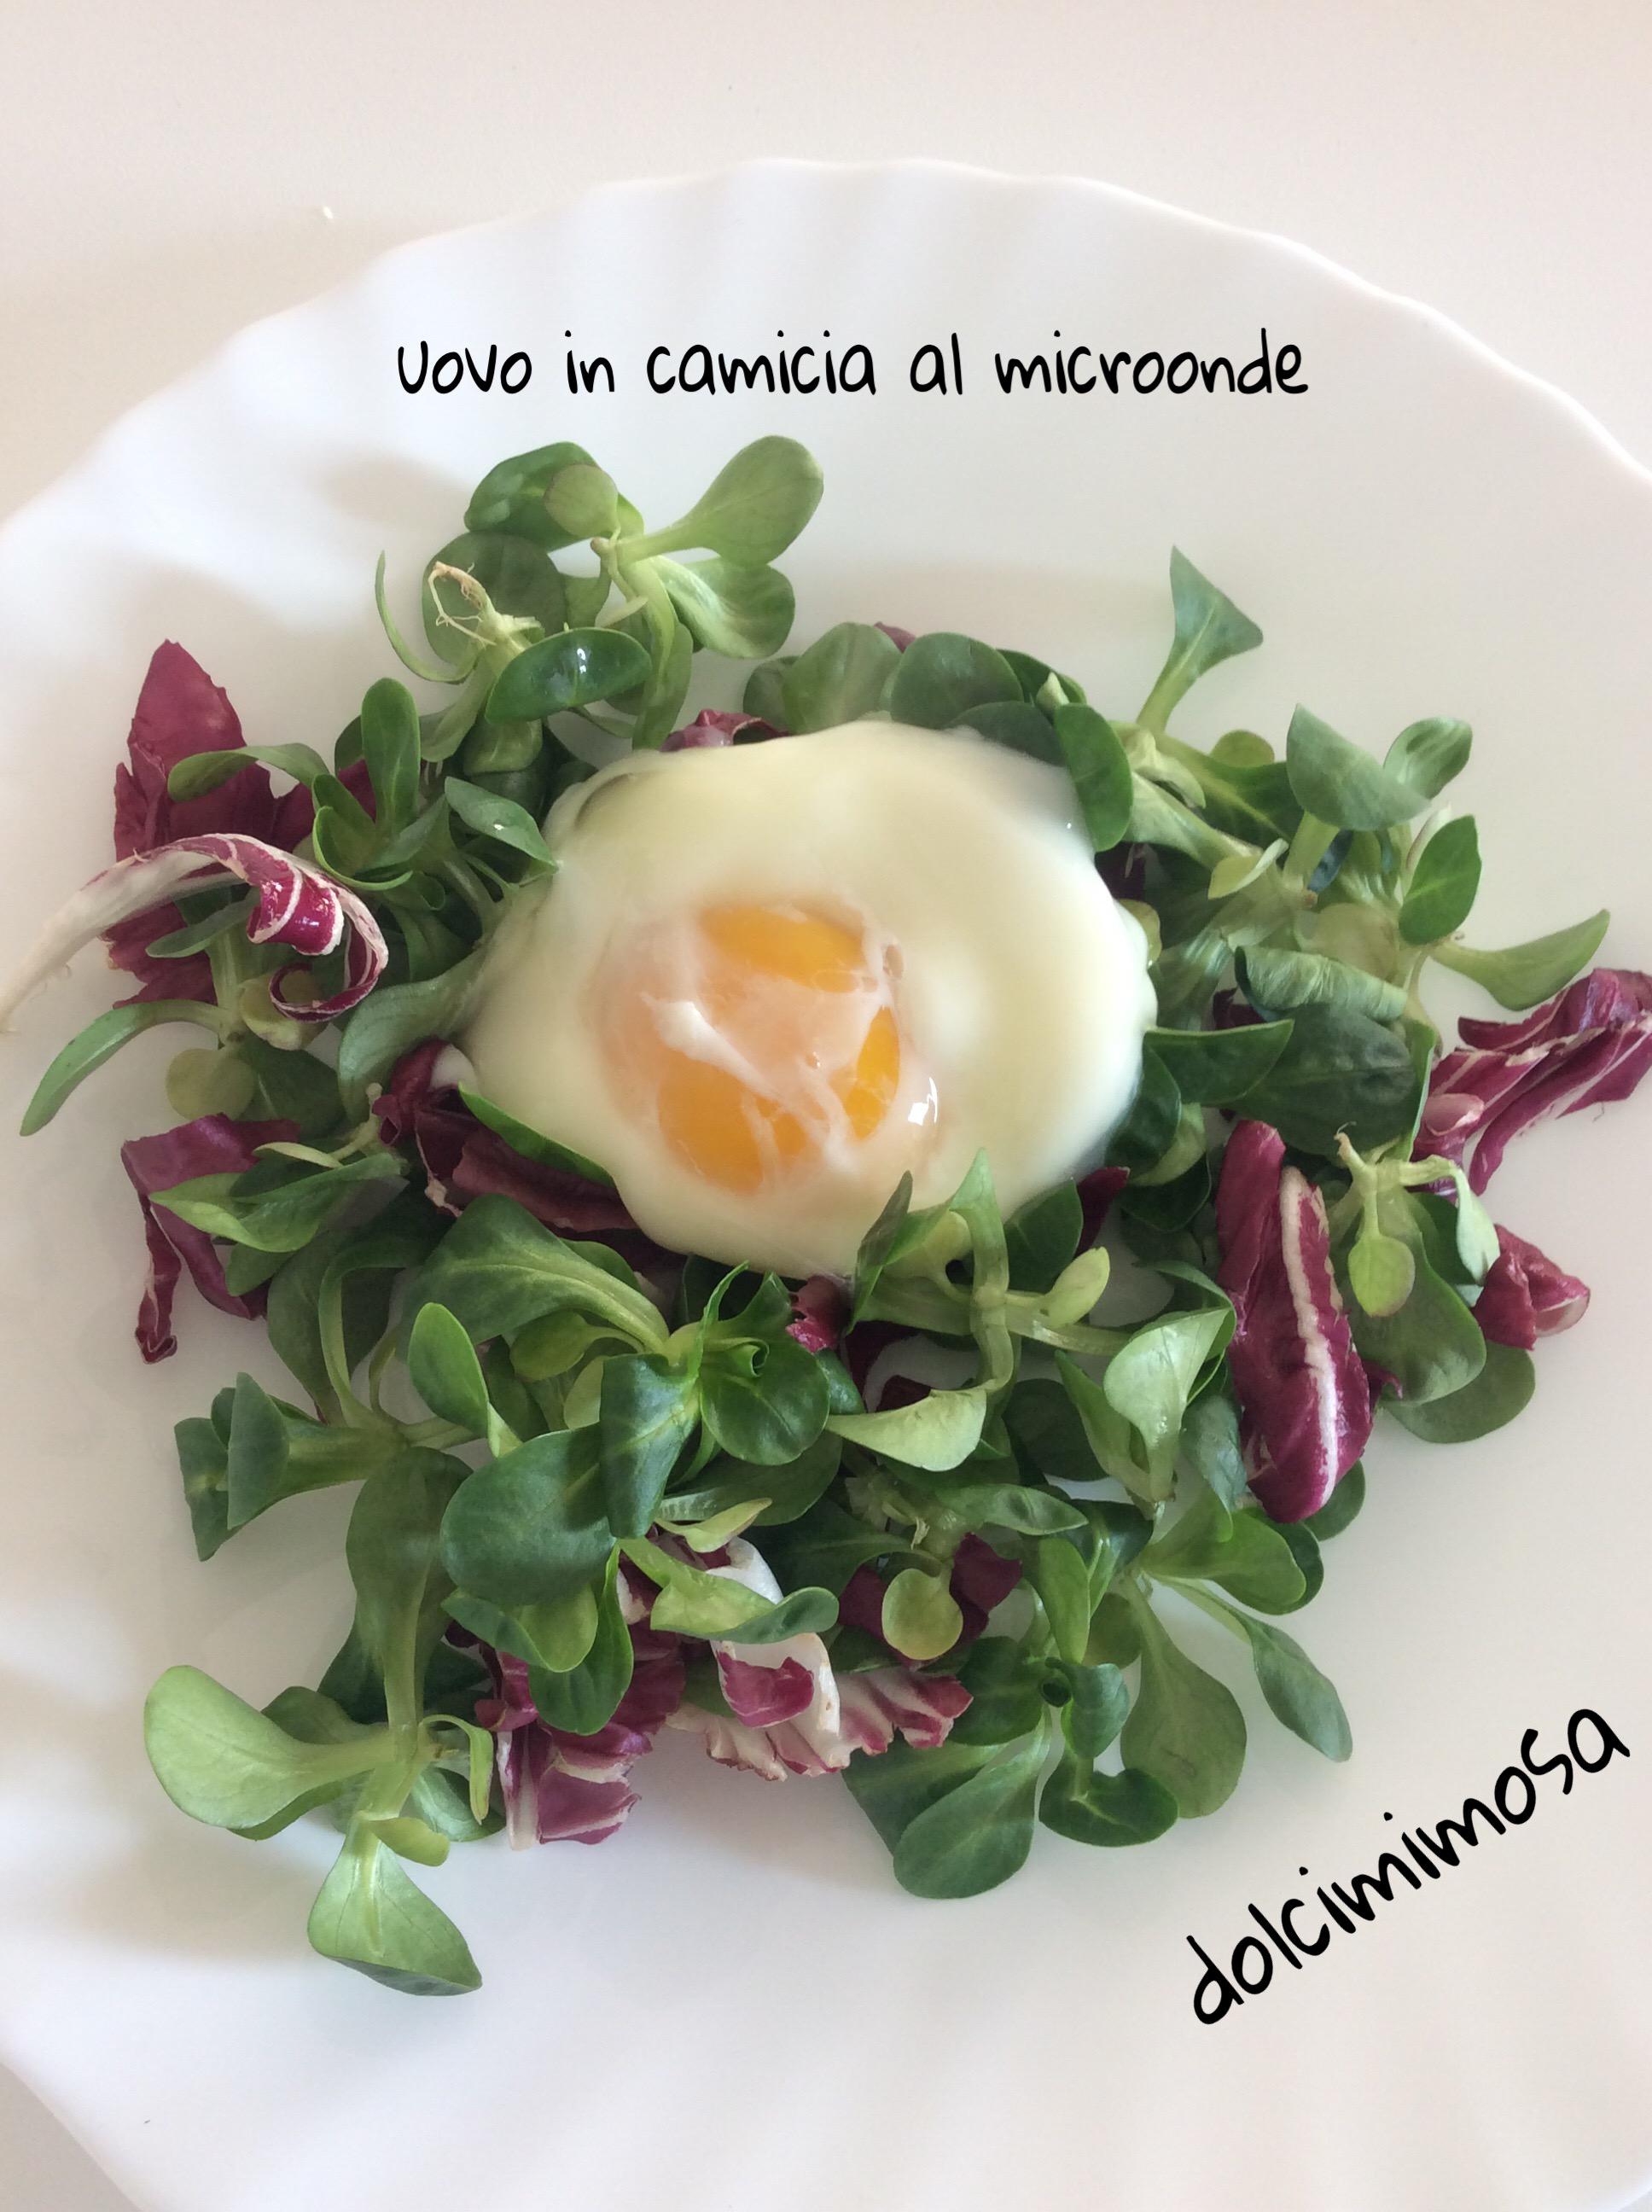 Uovo in camicia al microonde dolcimimosa - Forno tradizionale e microonde insieme ...